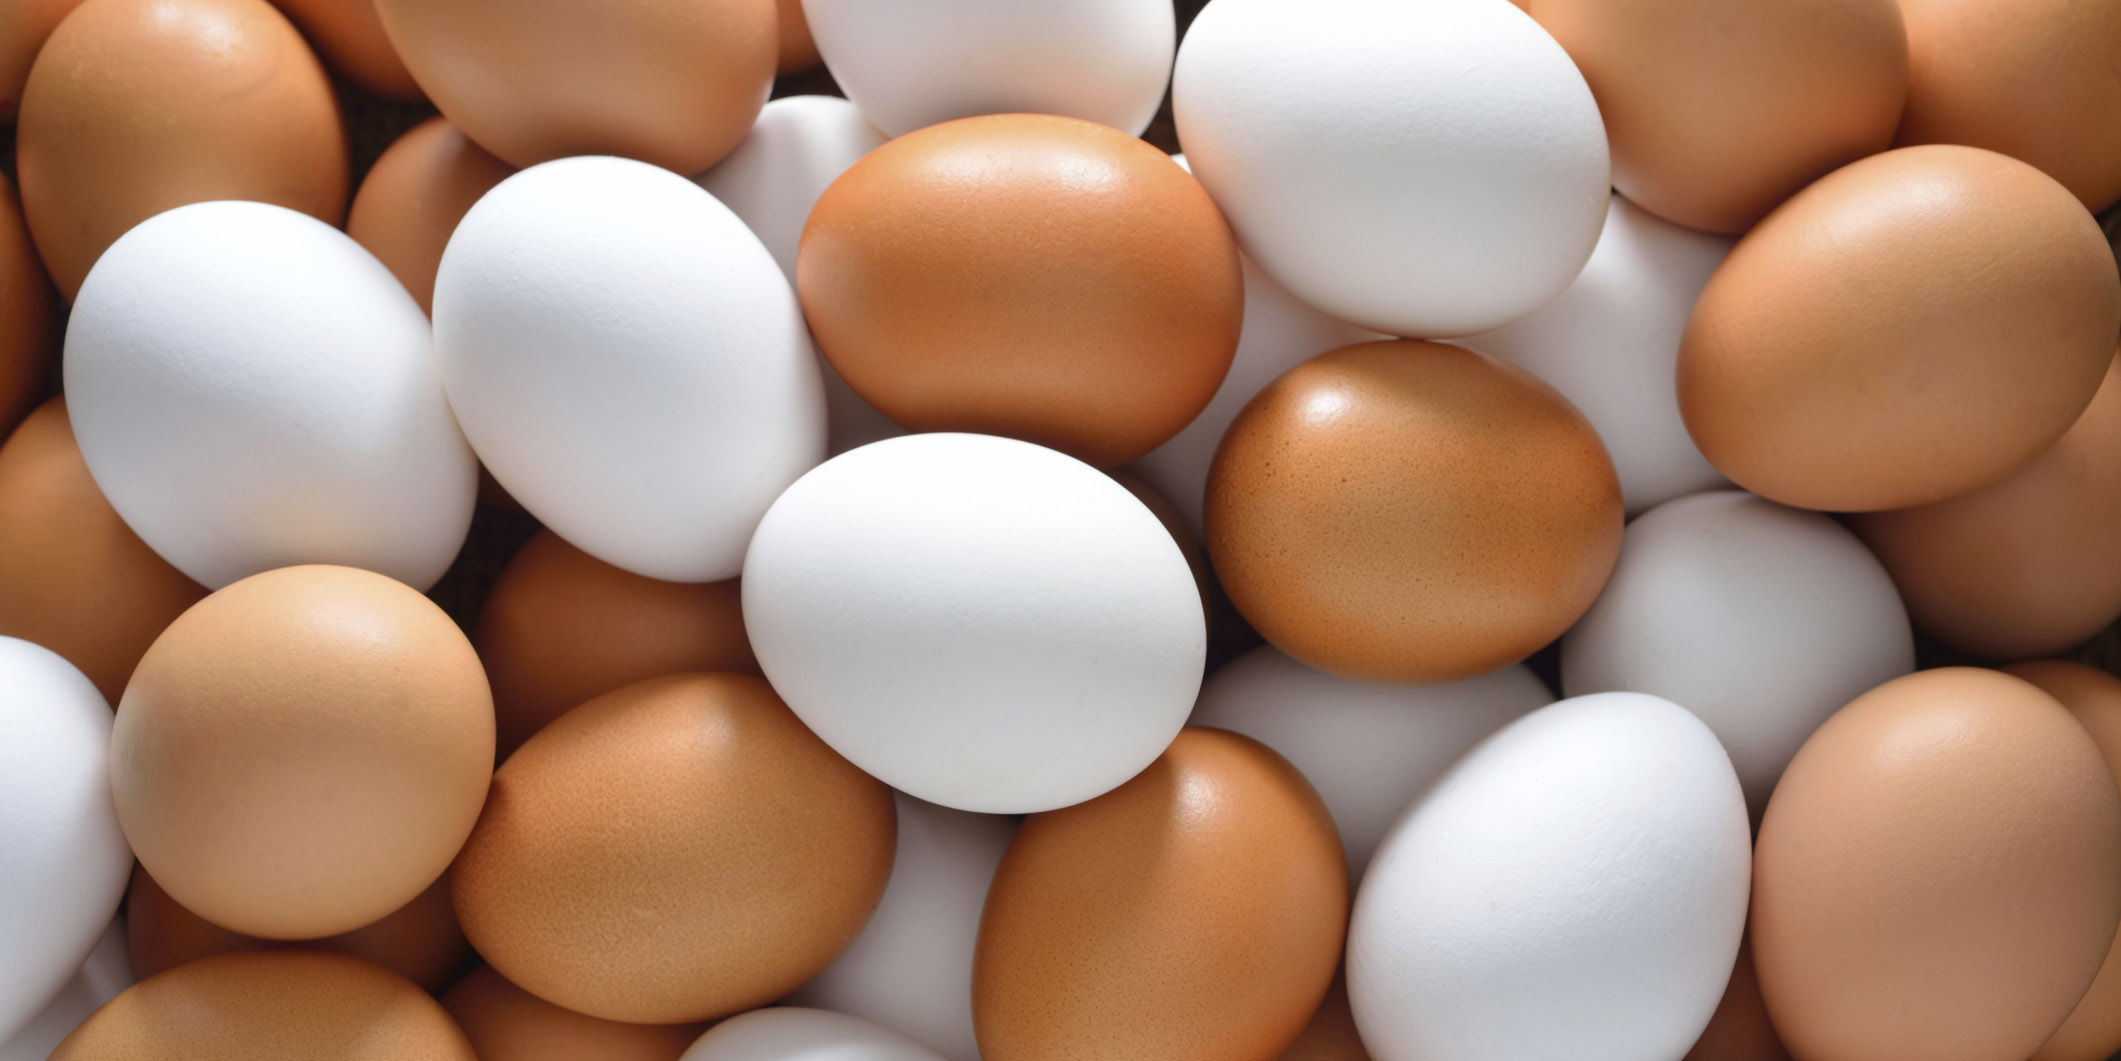 پیش بینی تولید 950 هزارتن تخم مرغ در سال جاری